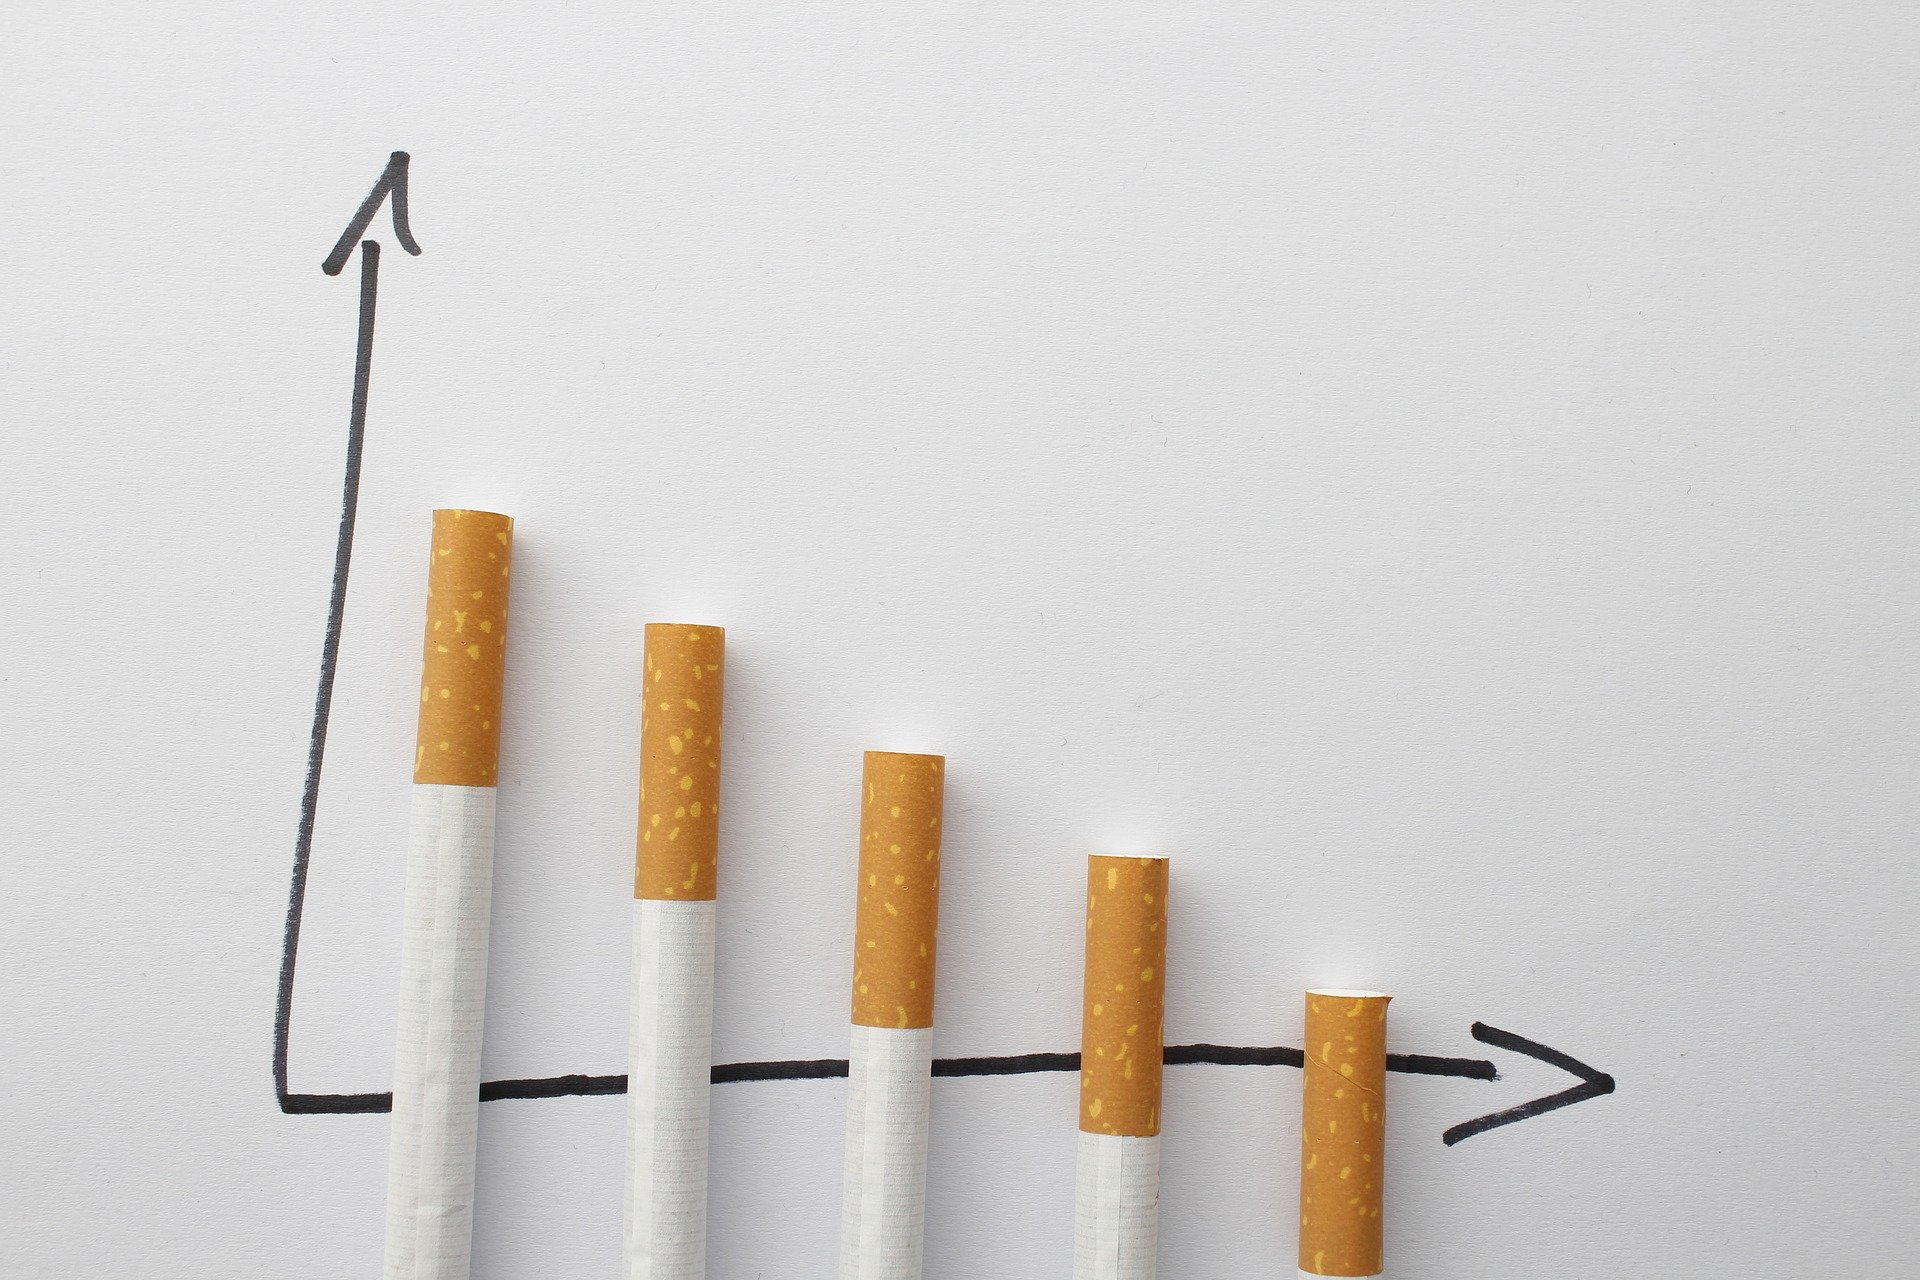 Histogramme avec les données représentées par des tailles de cigarettes